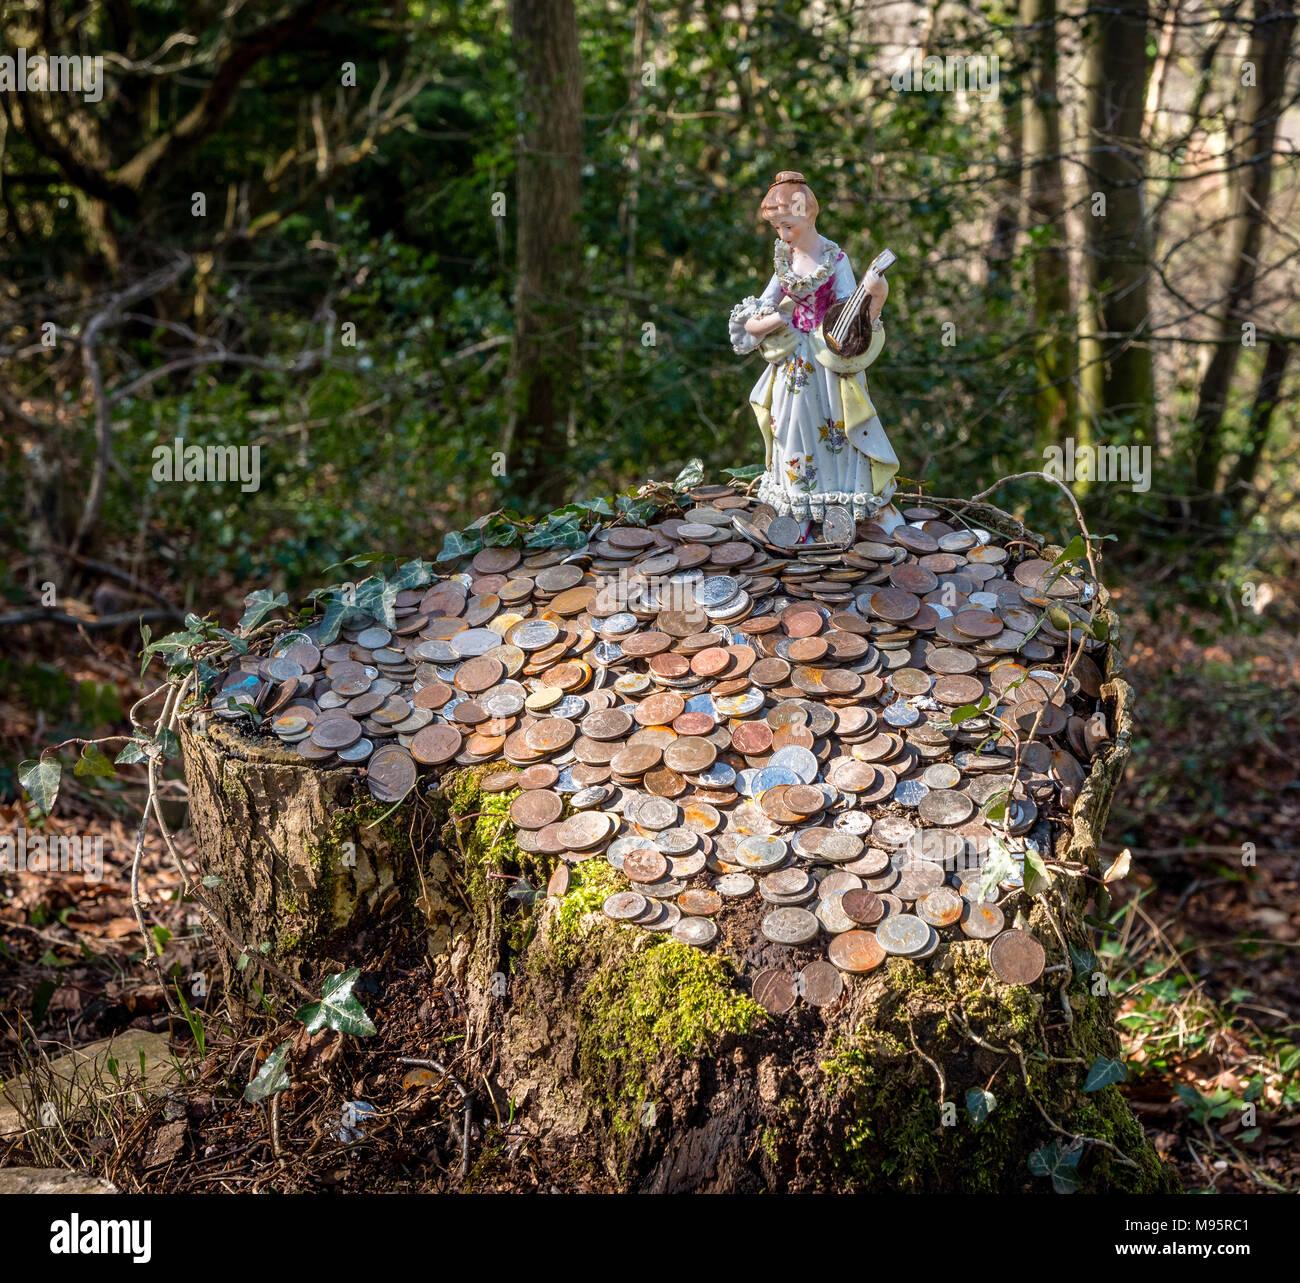 Keramik Fee und Münzen links so viel Glück Token auf einem Baumstumpf in der Nähe der Kanzel des Teufels über das Wye Valley in Monmouthshire UK Stockbild